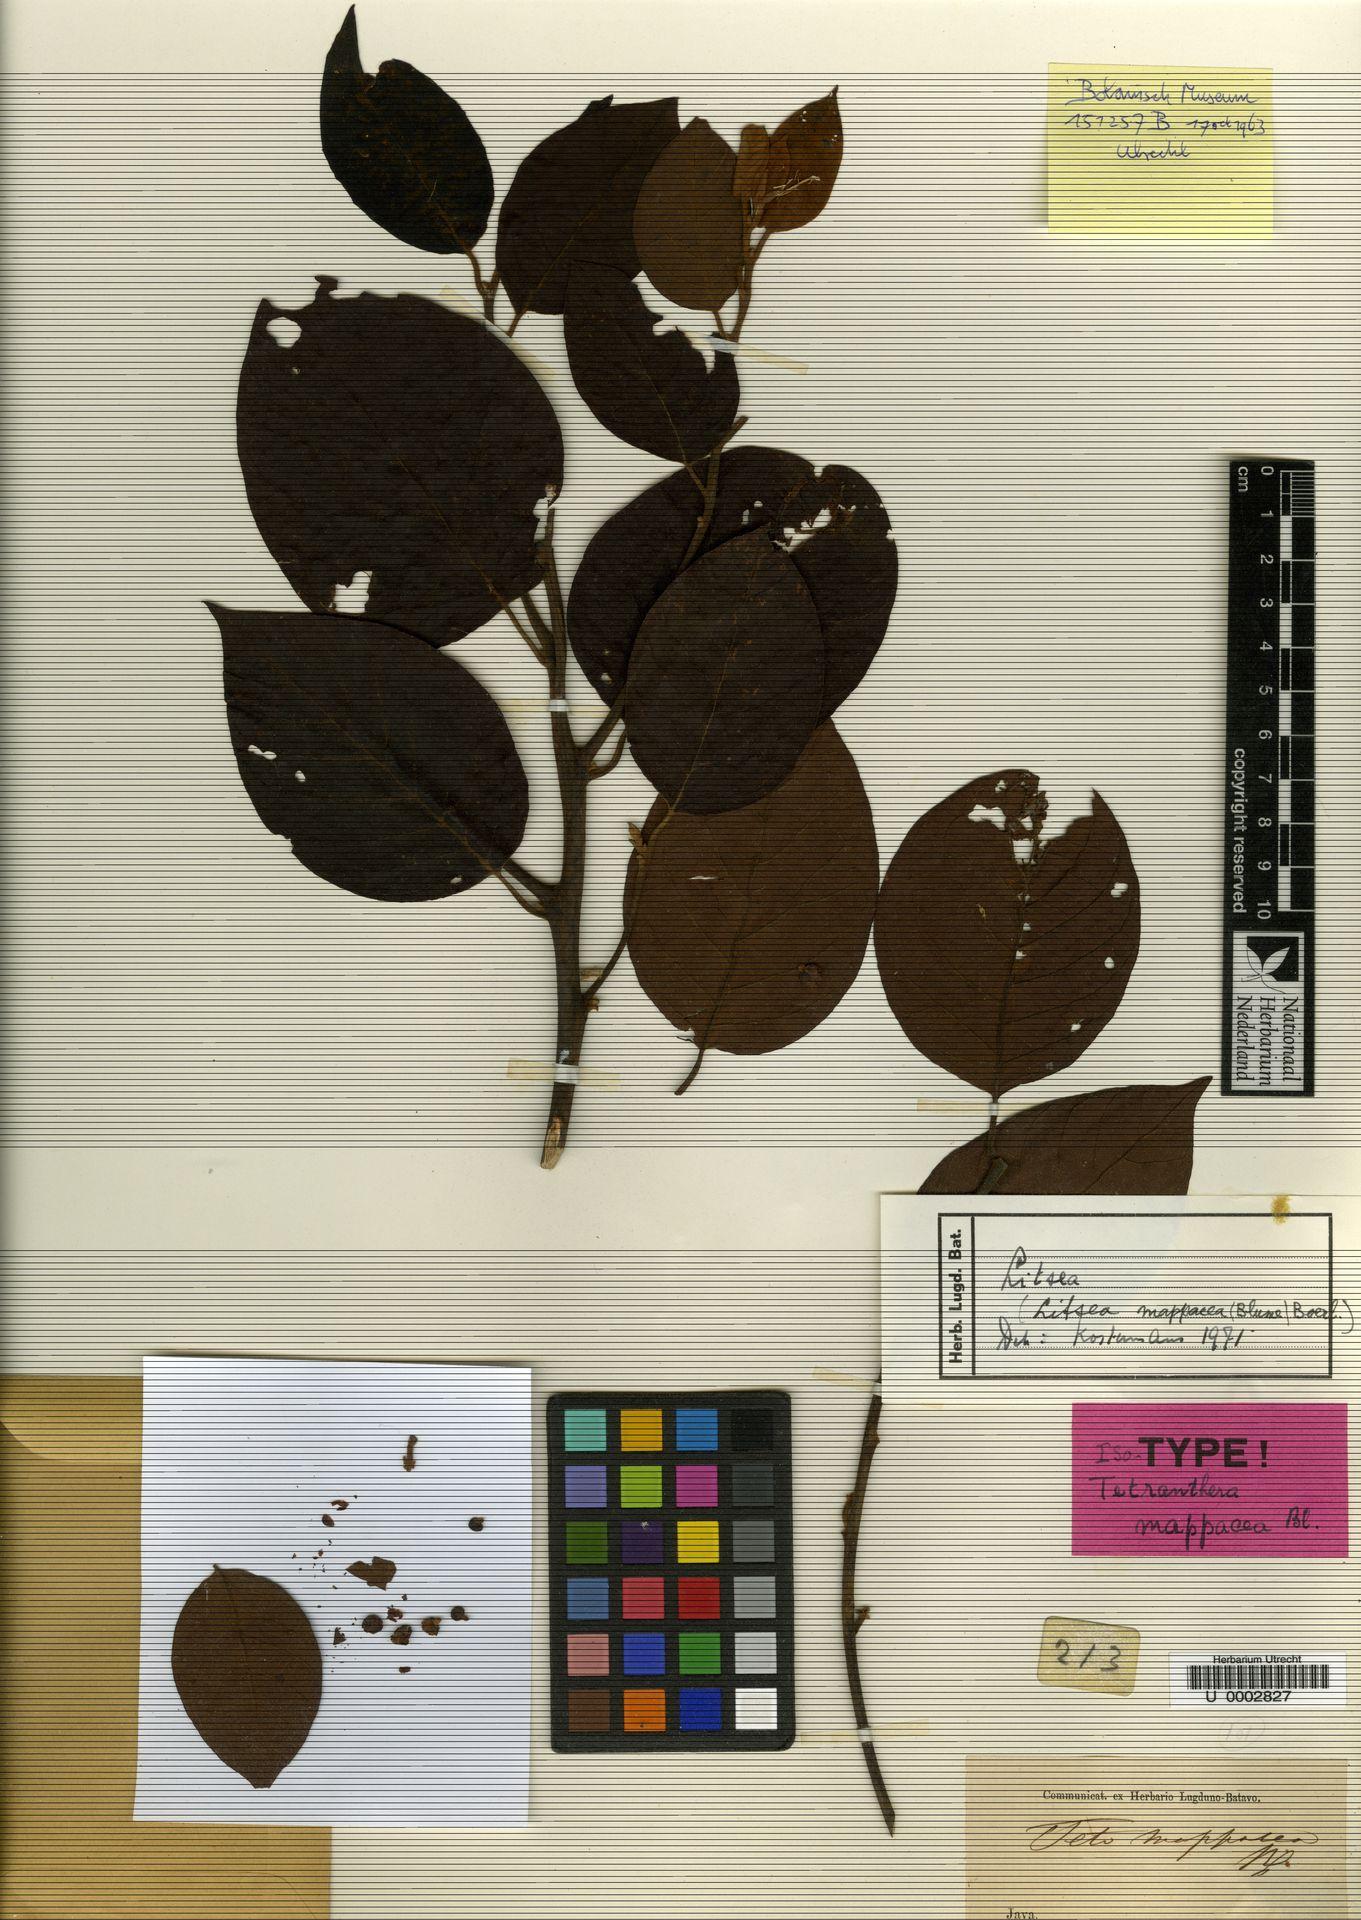 U  0002827 | Litsea mappacea (Blume) Boerl.